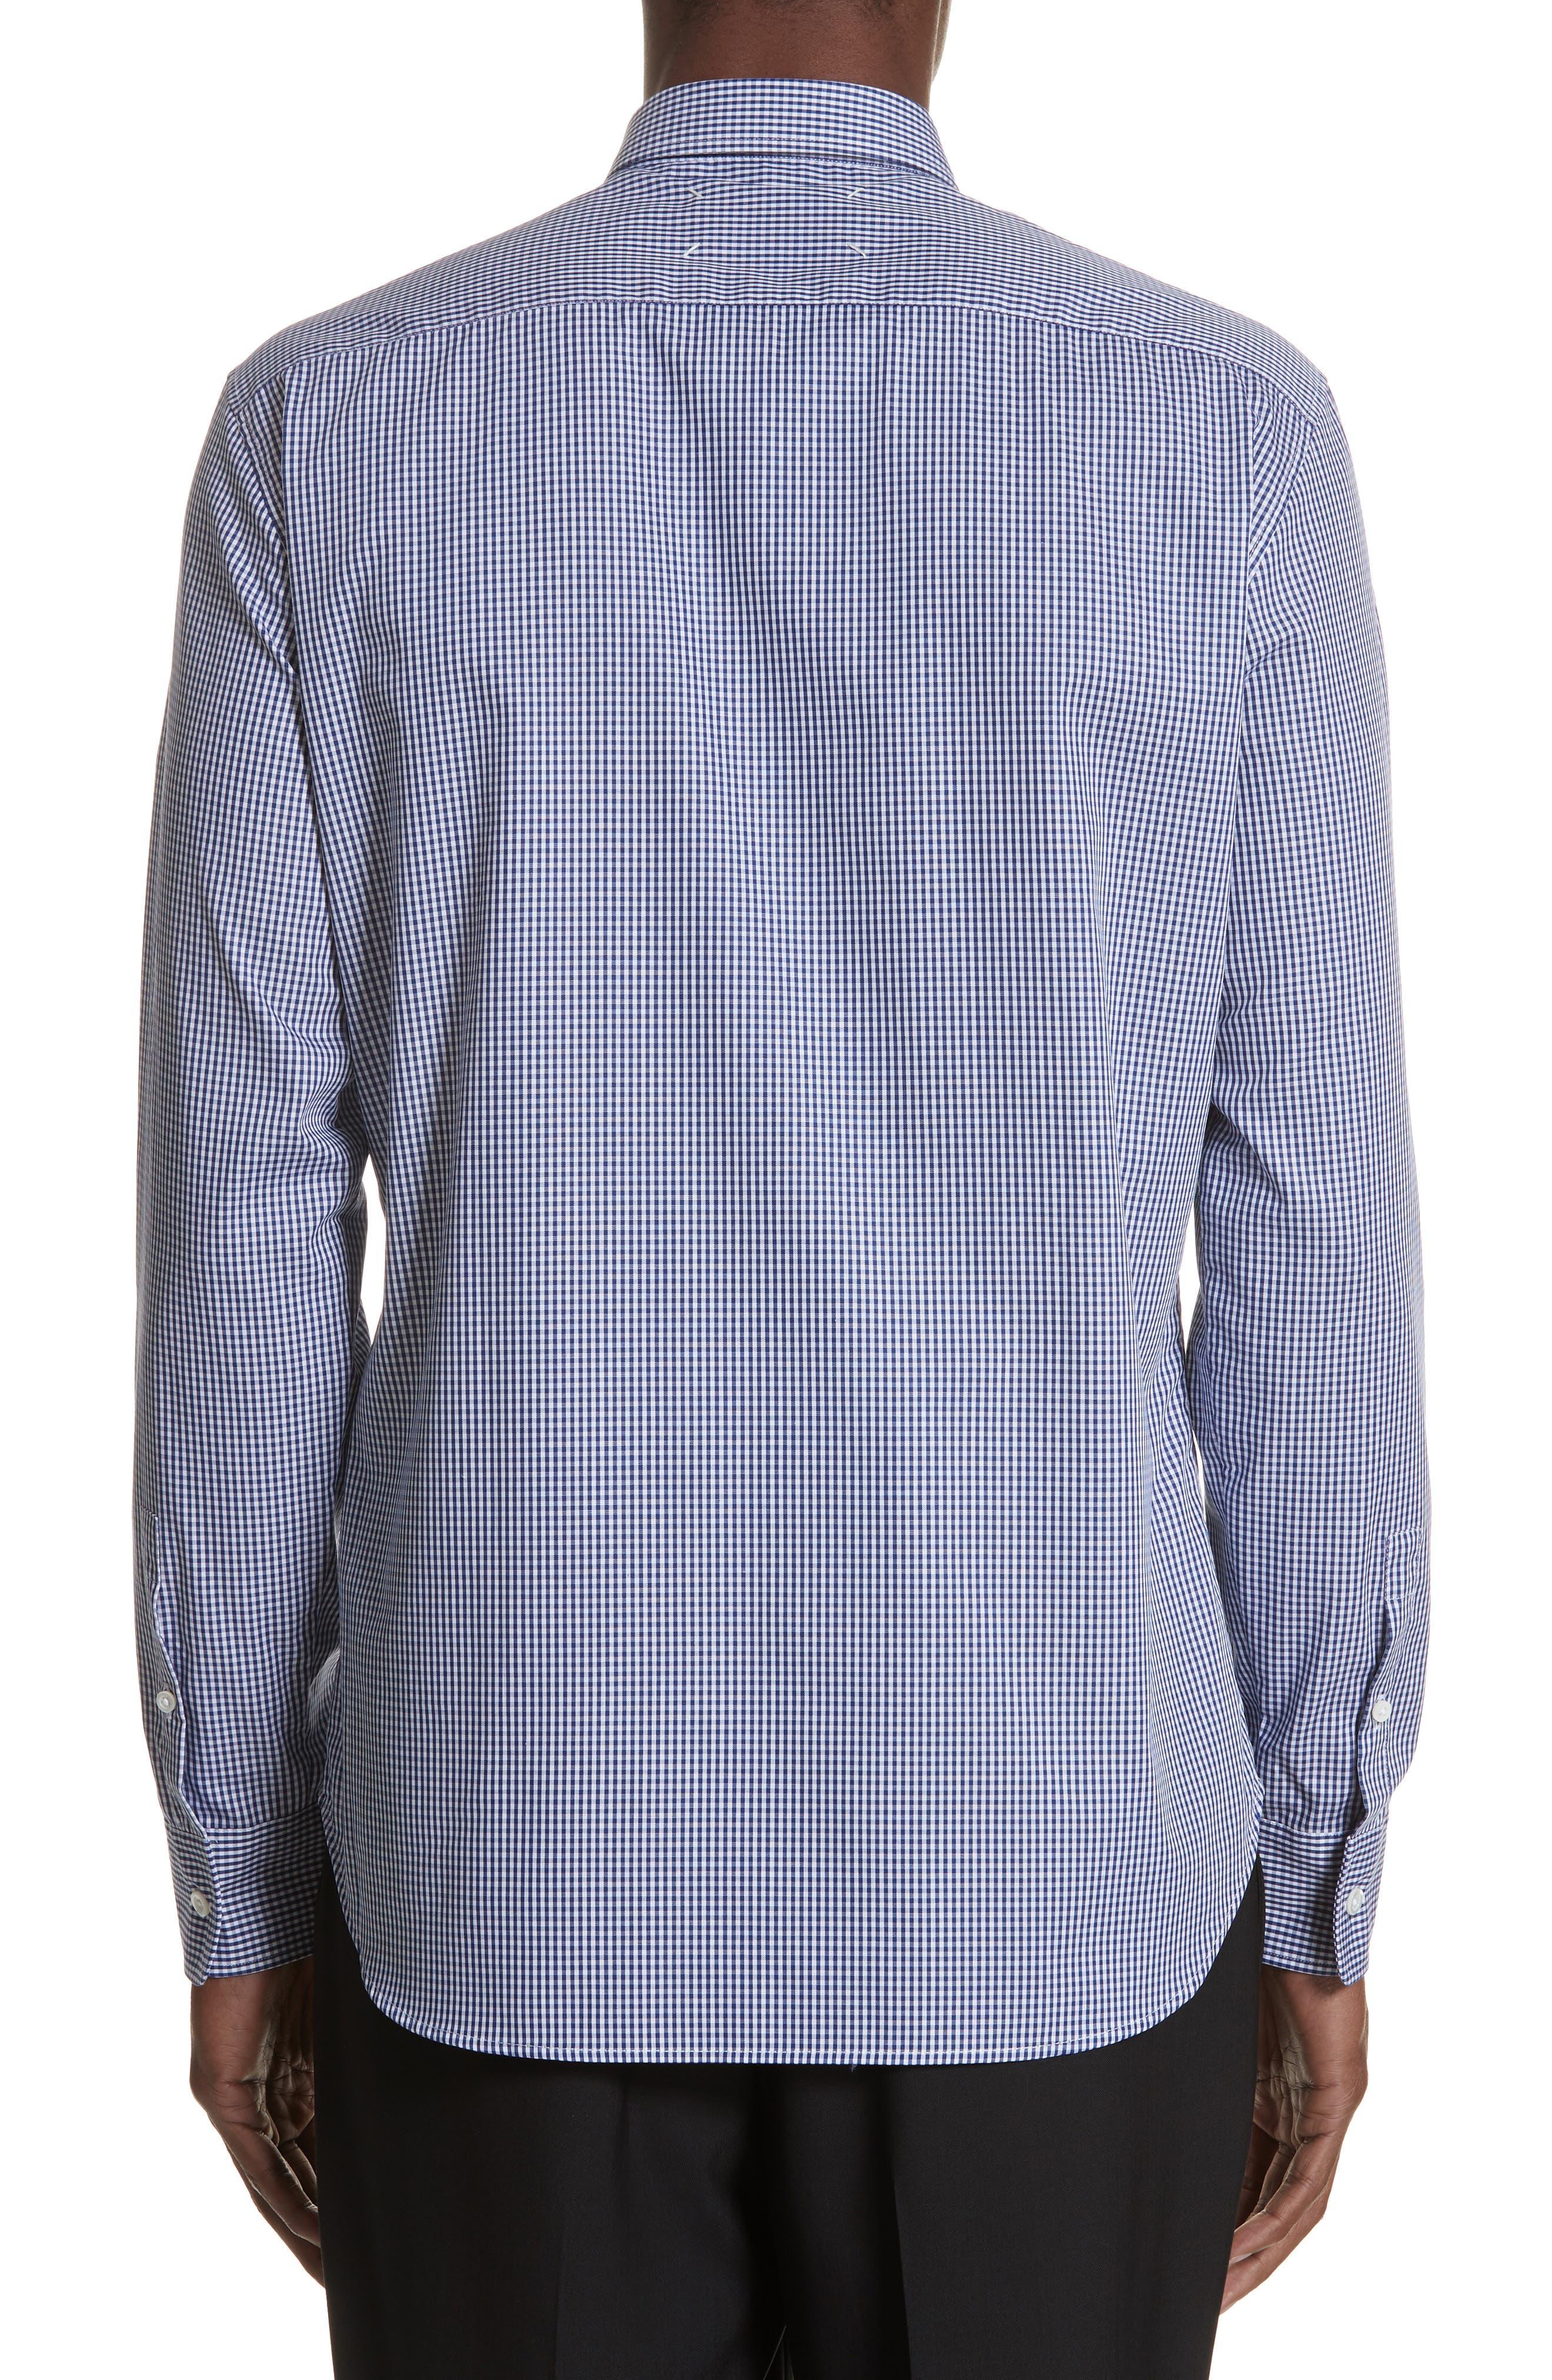 Gingham Woven Sport Shirt,                             Alternate thumbnail 2, color,                             BLUE